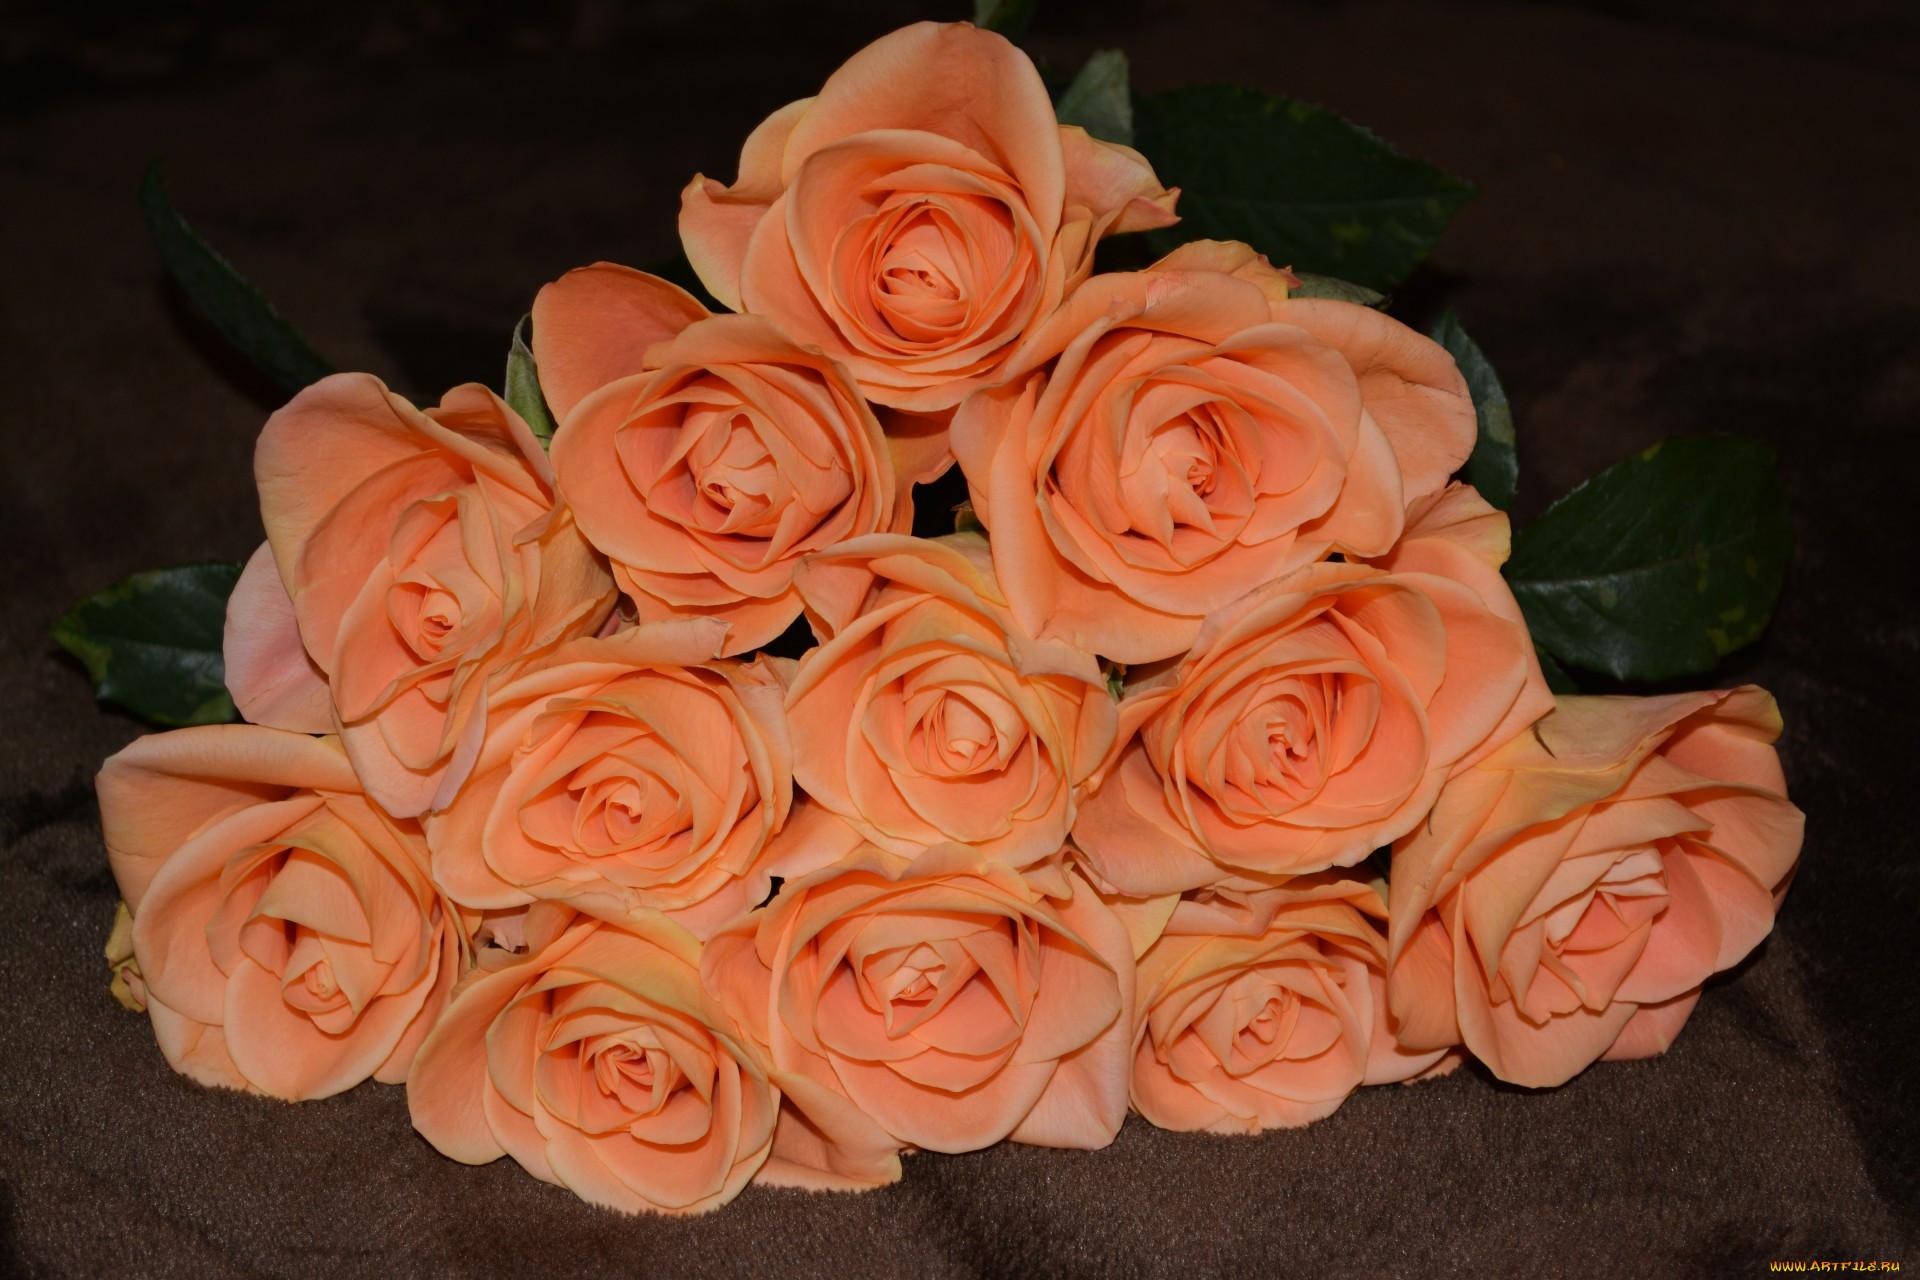 розы персиковый цвет фото один неприятный момент